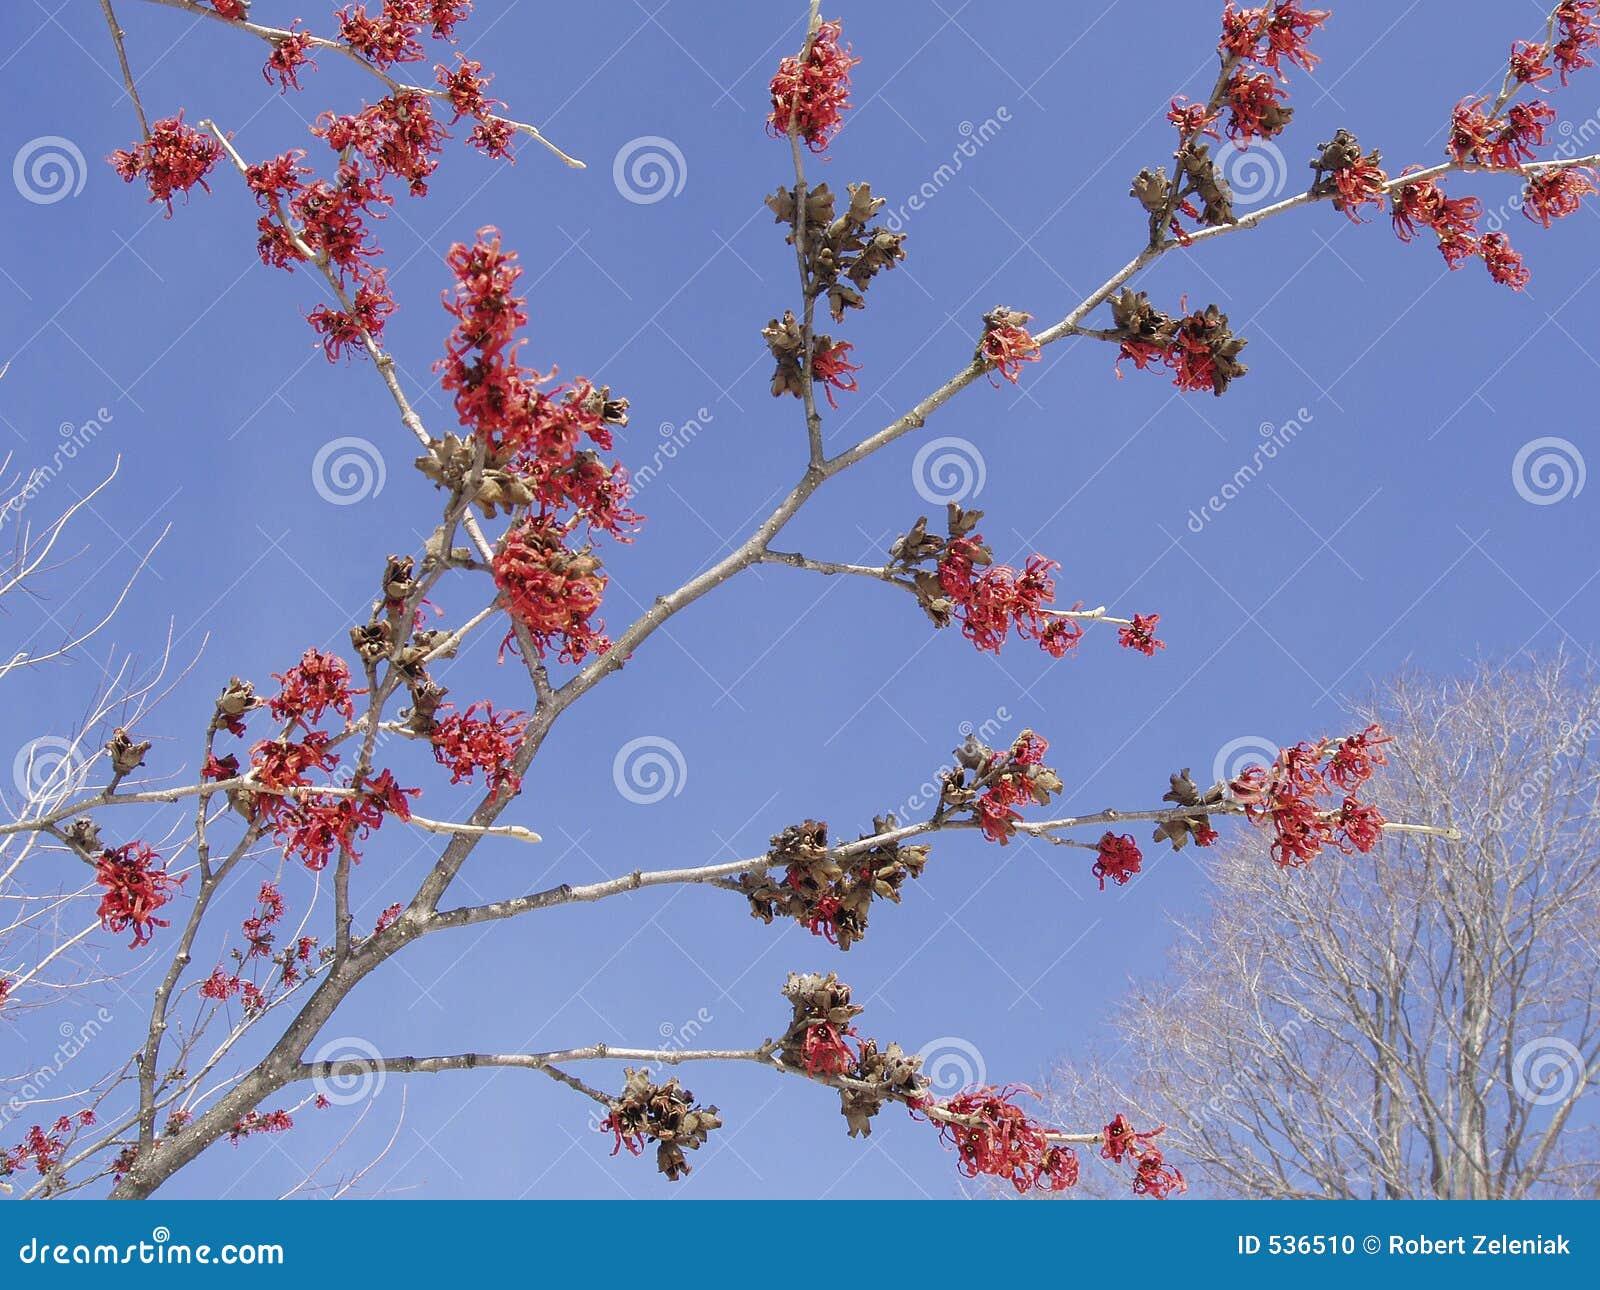 Download 红色witchhazel 库存照片. 图片 包括有 ,并且, 蓝色, 工厂, 灌木, 天空, 结构树, 红色 - 536510